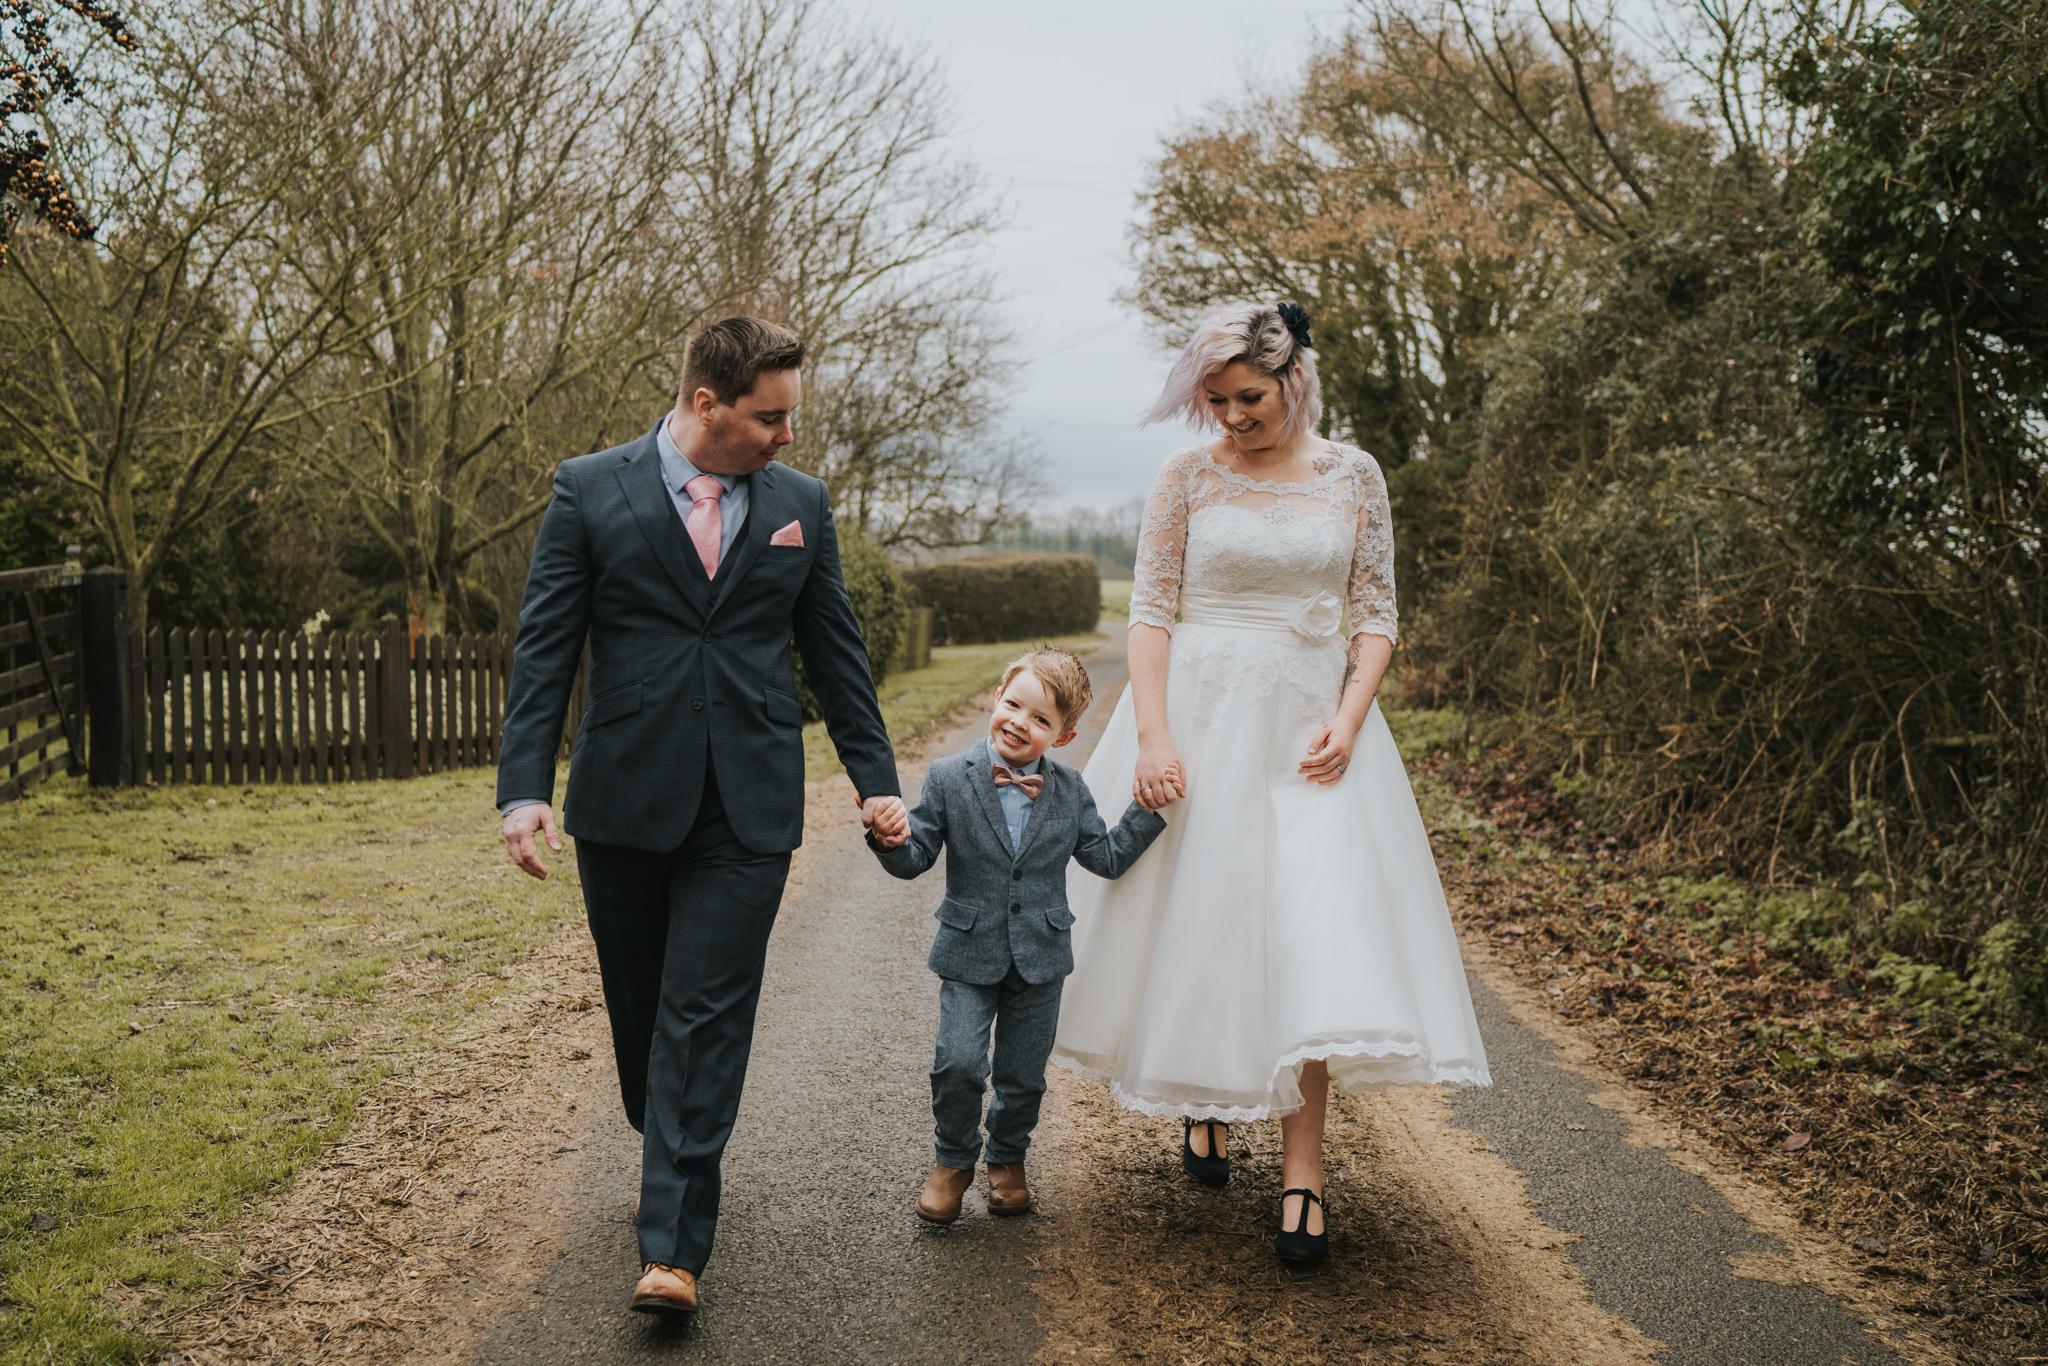 grace-elizabeth-essex-wedding-photographer-best-2018-highlights-norfolk-essex-devon-suffolk (98 of 100).jpg